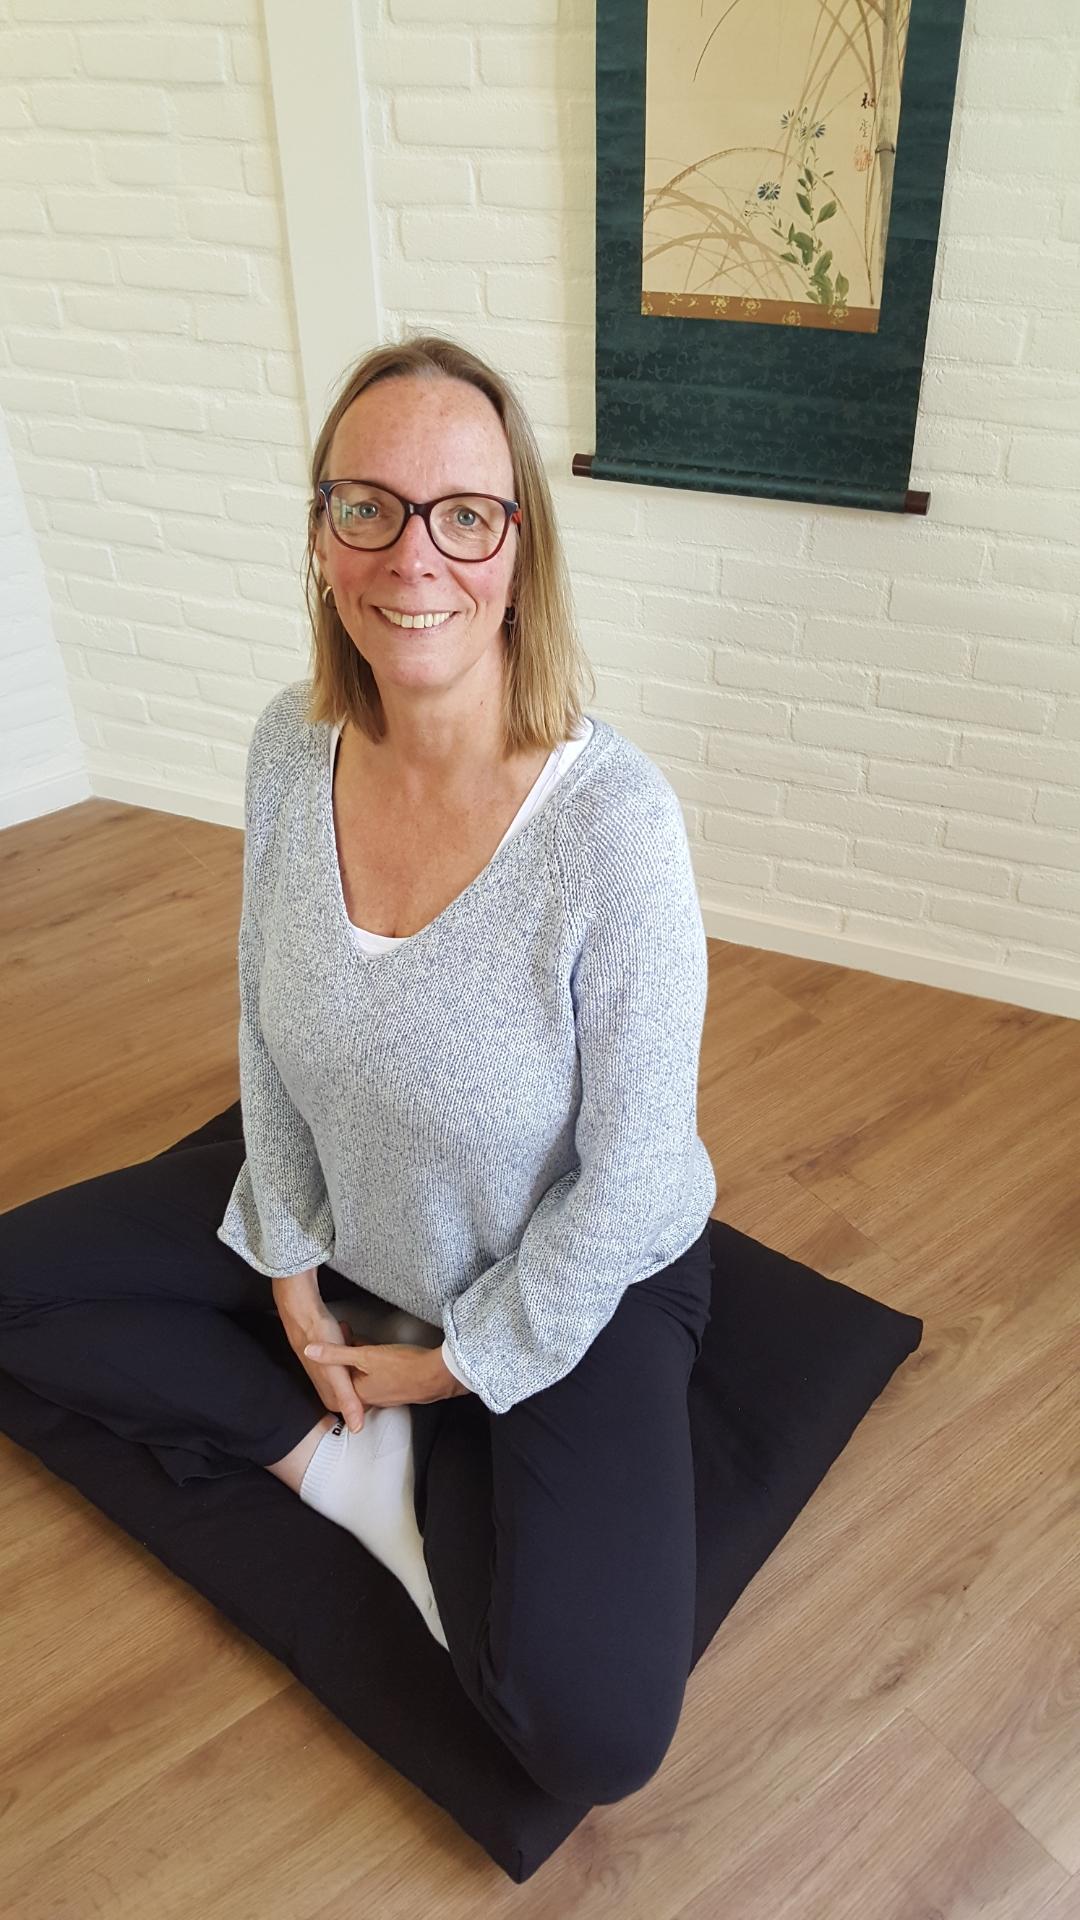 Zen Centrum Eemland, meditatieleraar, Sandra Sijbrandij, meditatieruimte, zendo, zen, meditatie